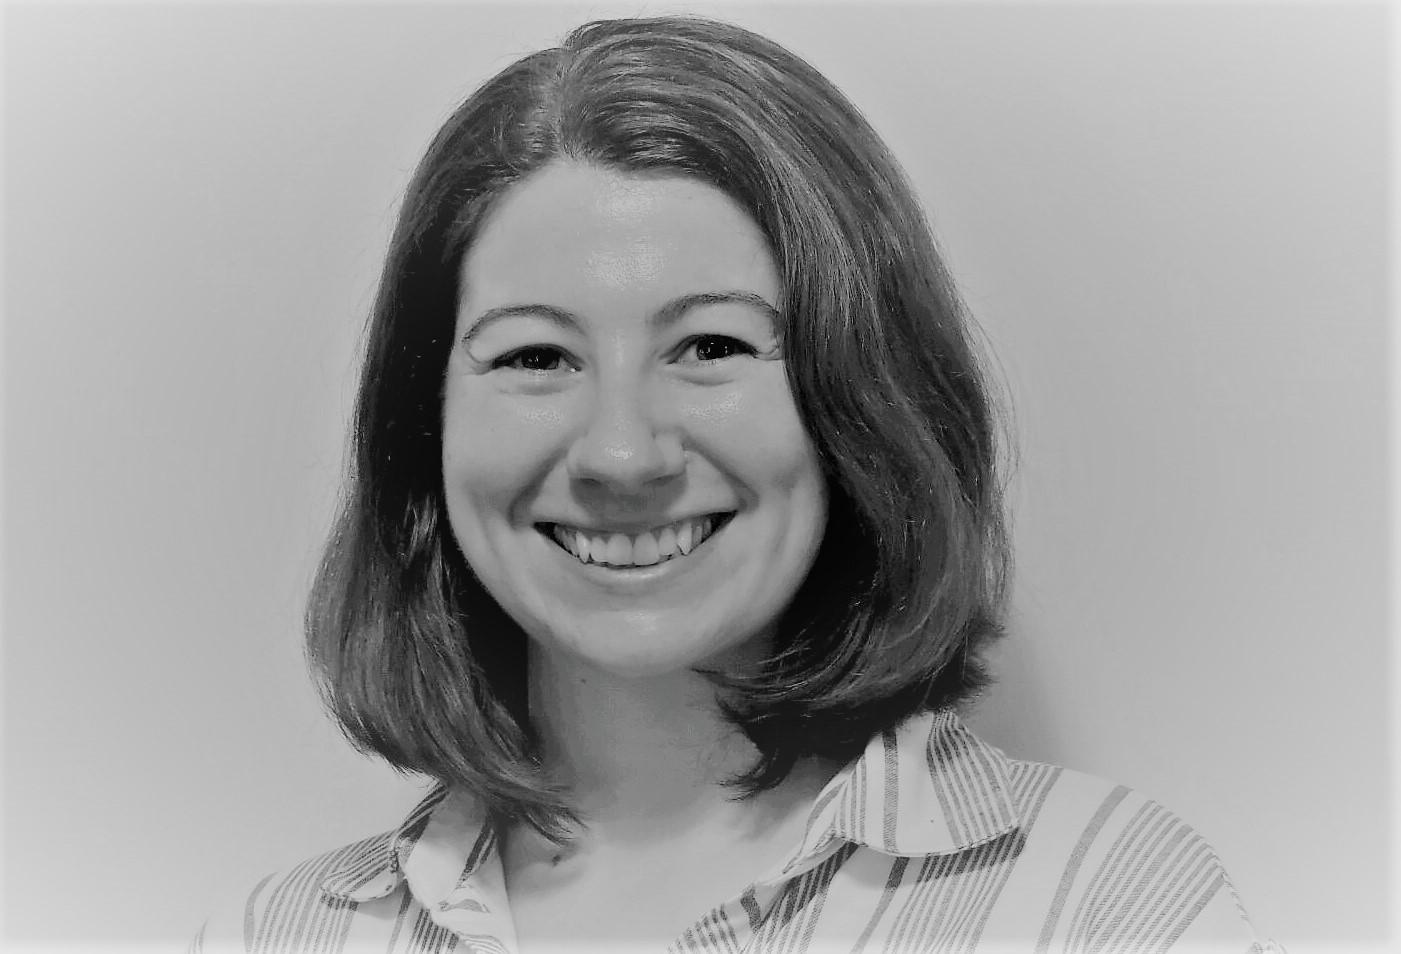 Jenel Brulé, D.Psy candidate